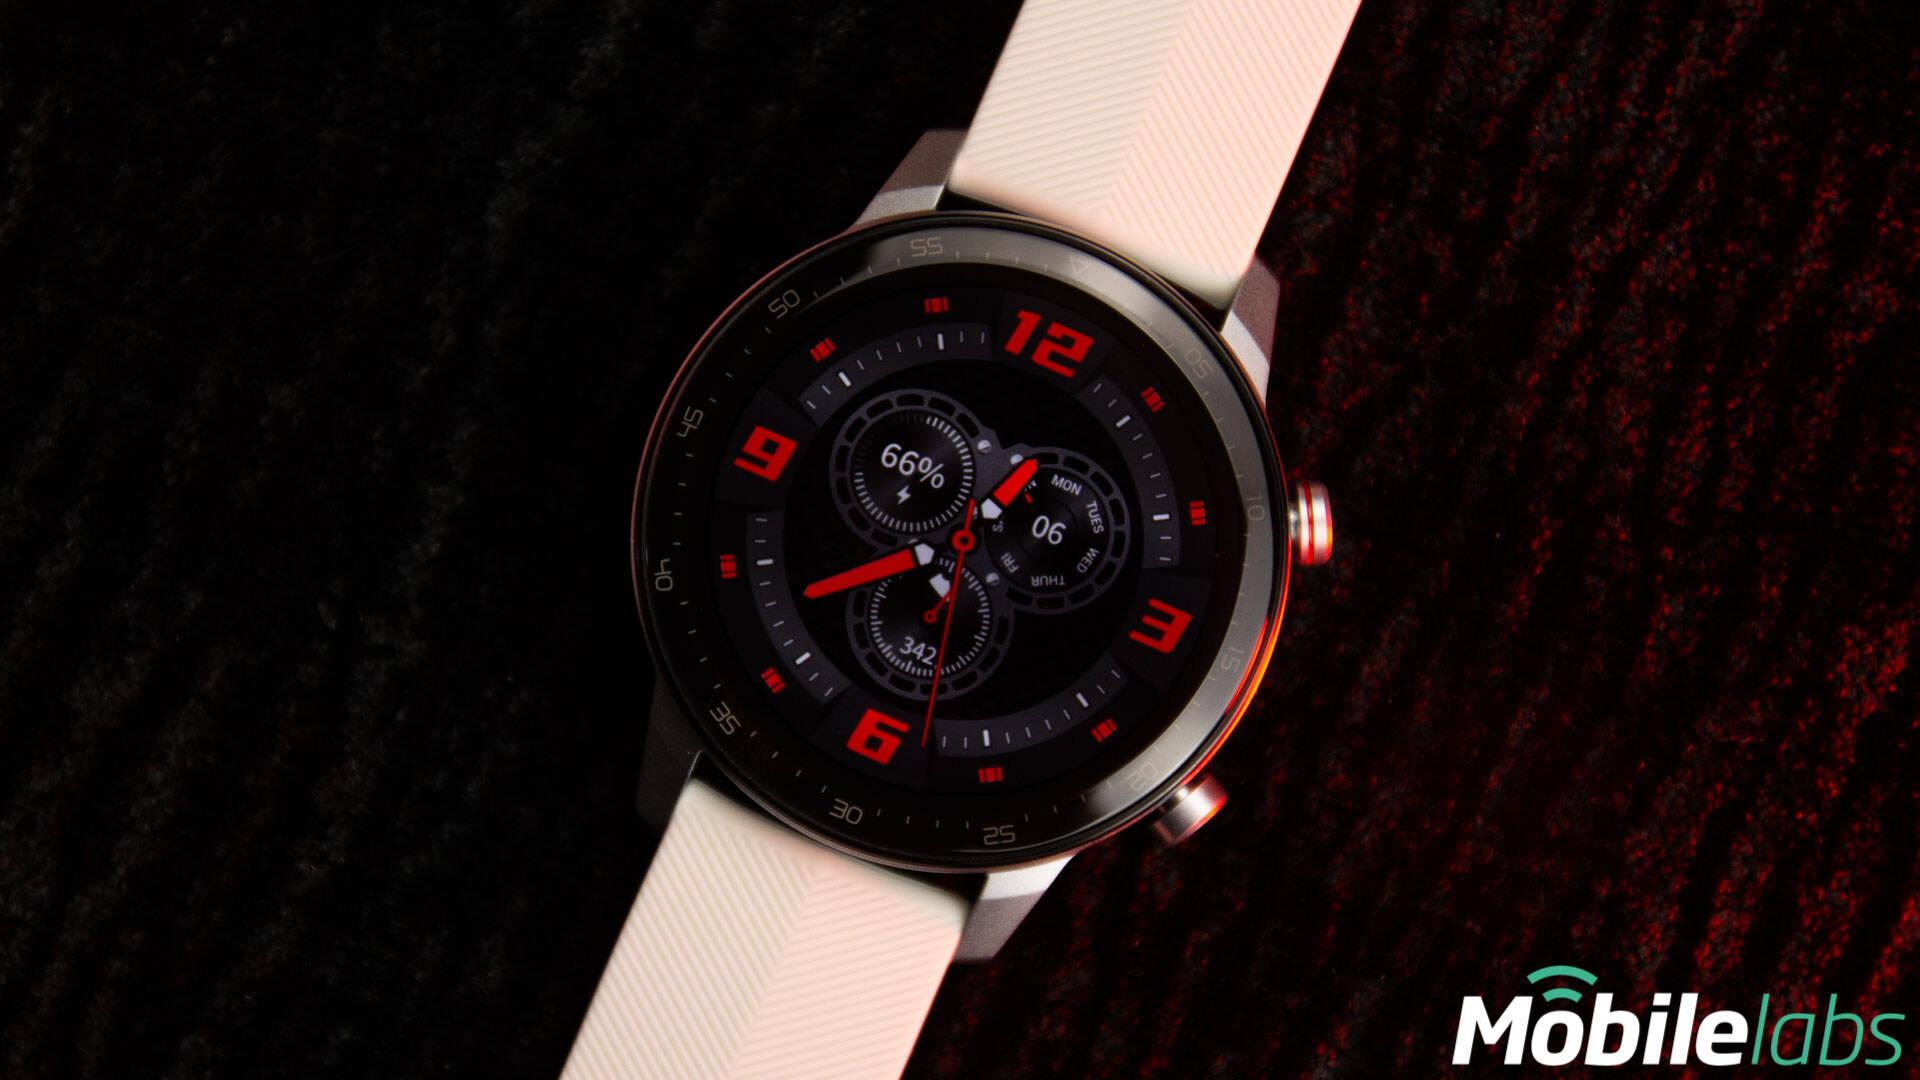 RedMagic - Watch